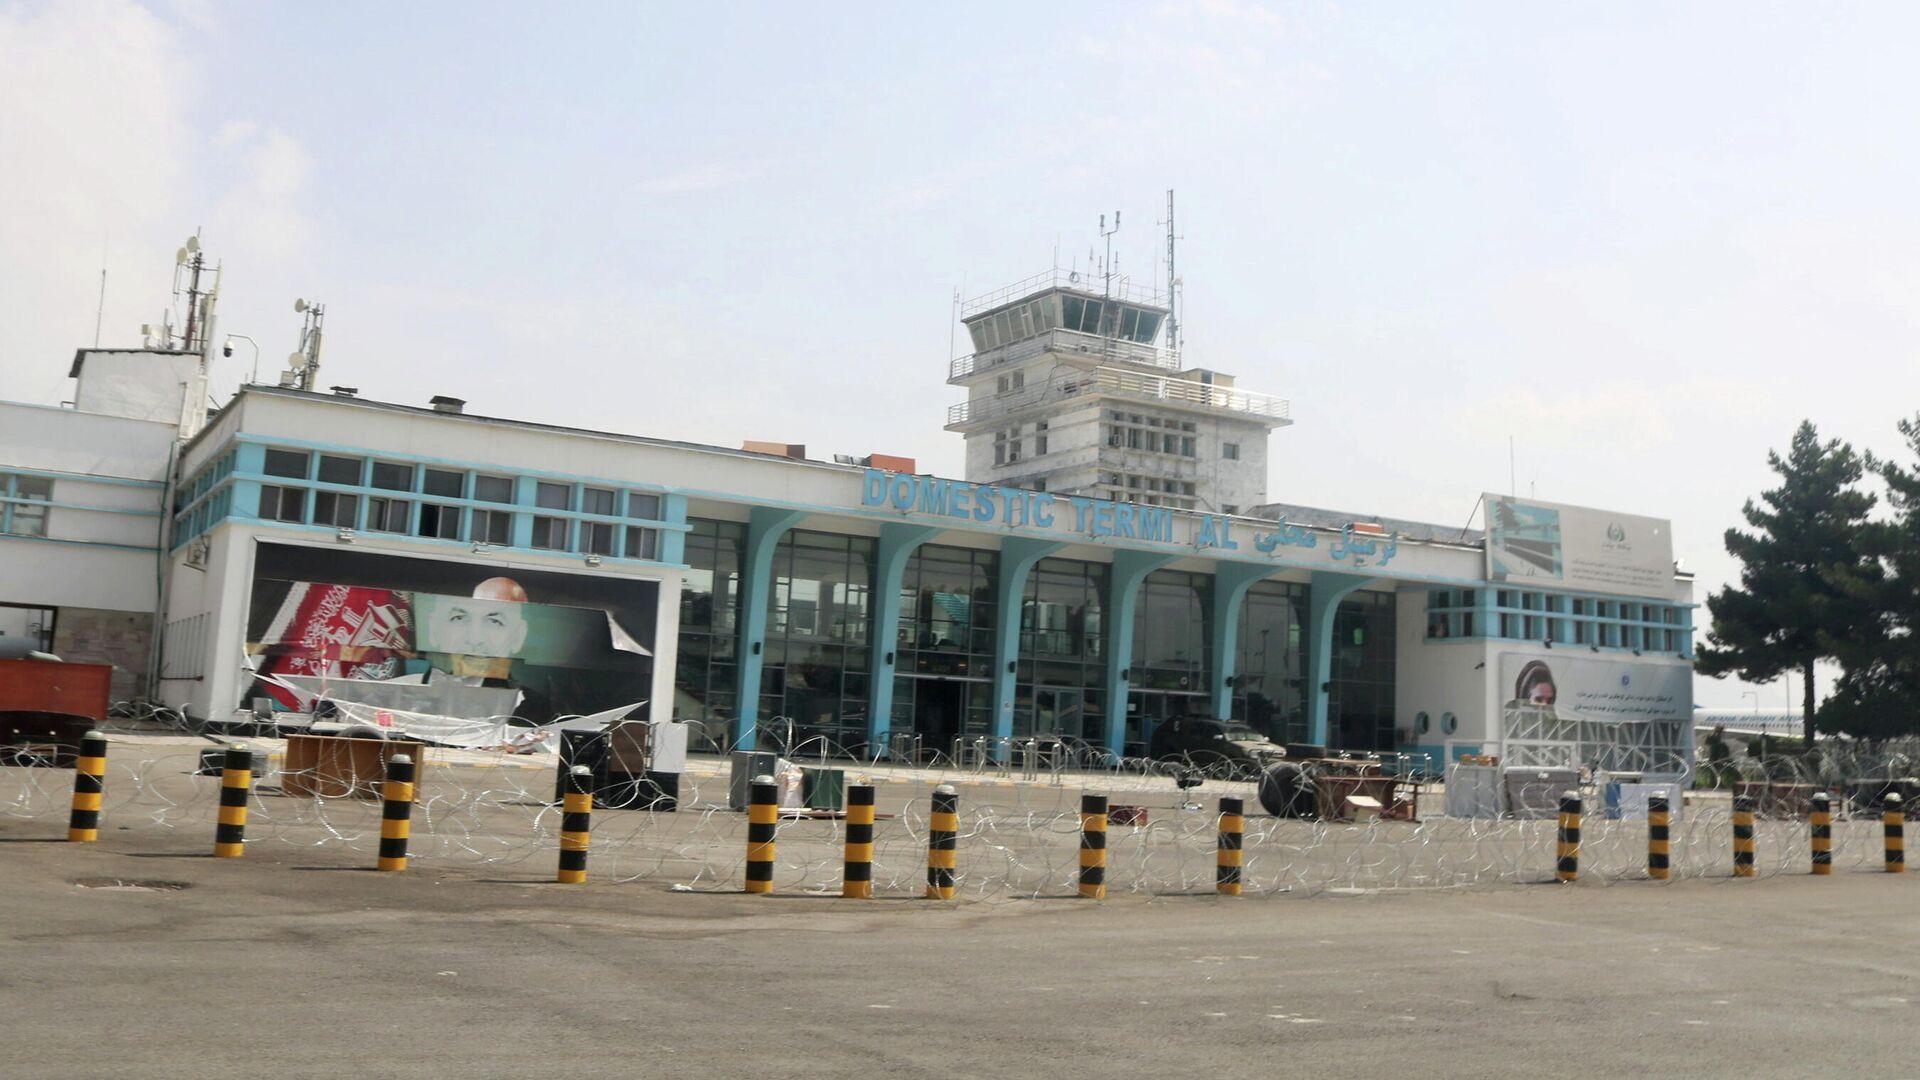 Терминал аэропорта в Кабуле после вывода американских войск - РИА Новости, 1920, 20.09.2021